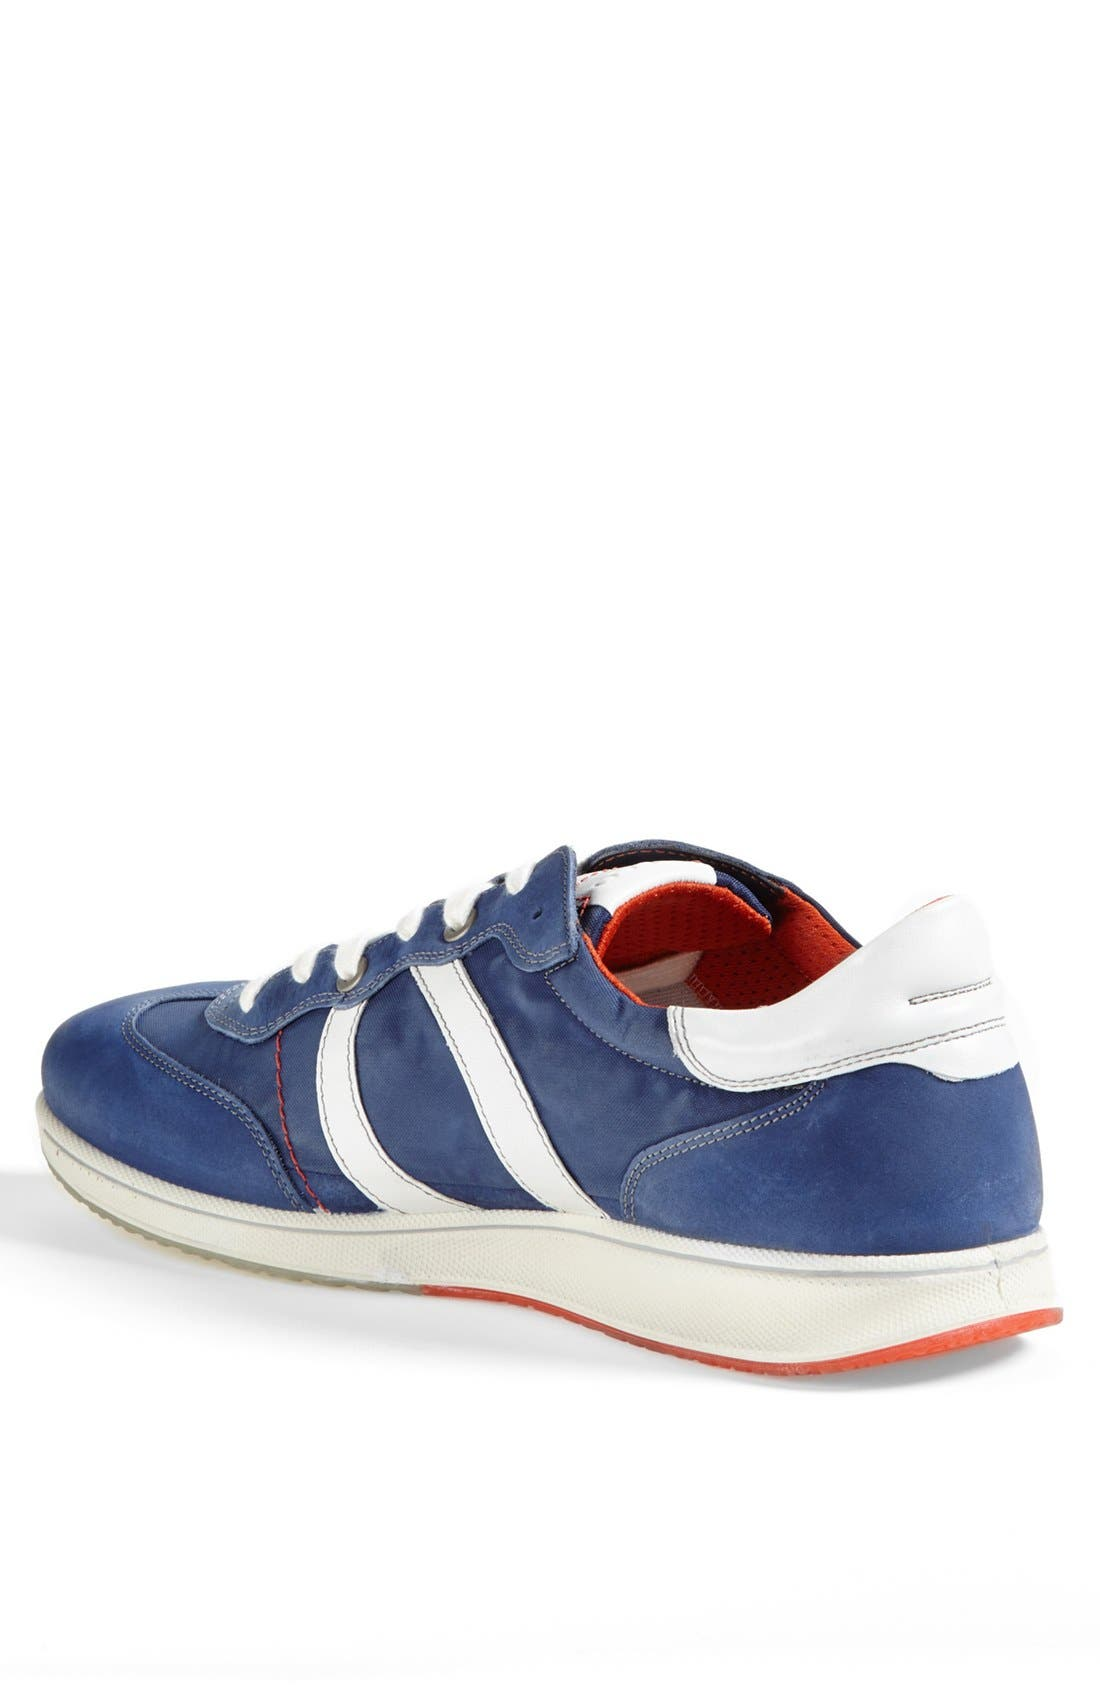 Alternate Image 2  - ECCO 'Jogga' Sneaker